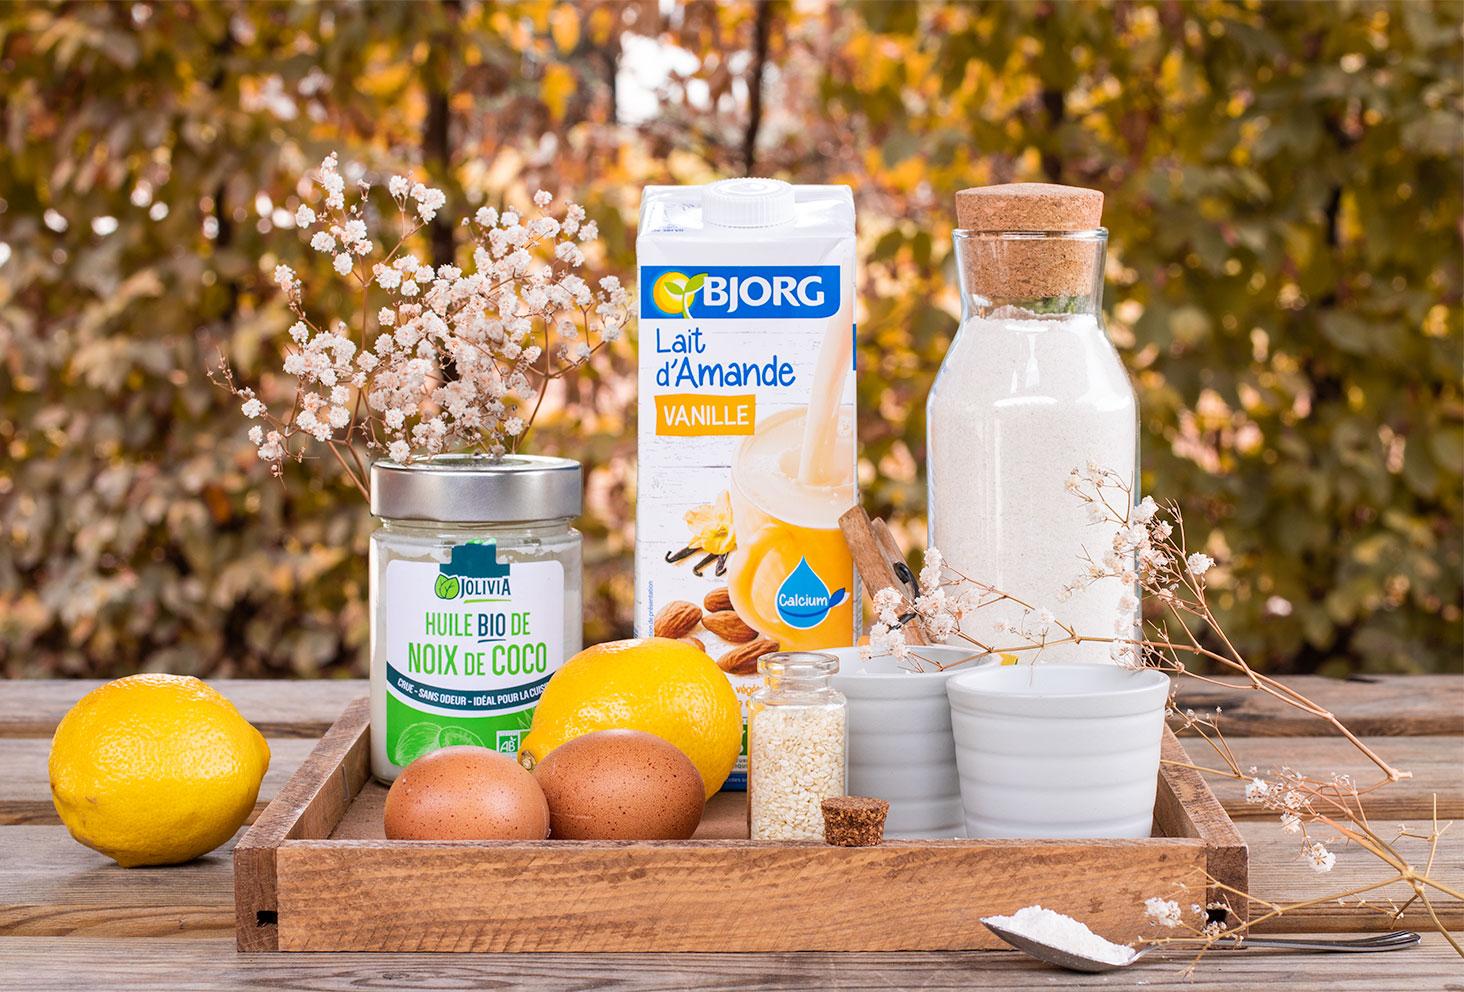 Les ingrédients nécessaires à la recette du cake au citron et graines de sésame, dans un plateau posé sur une table en bois